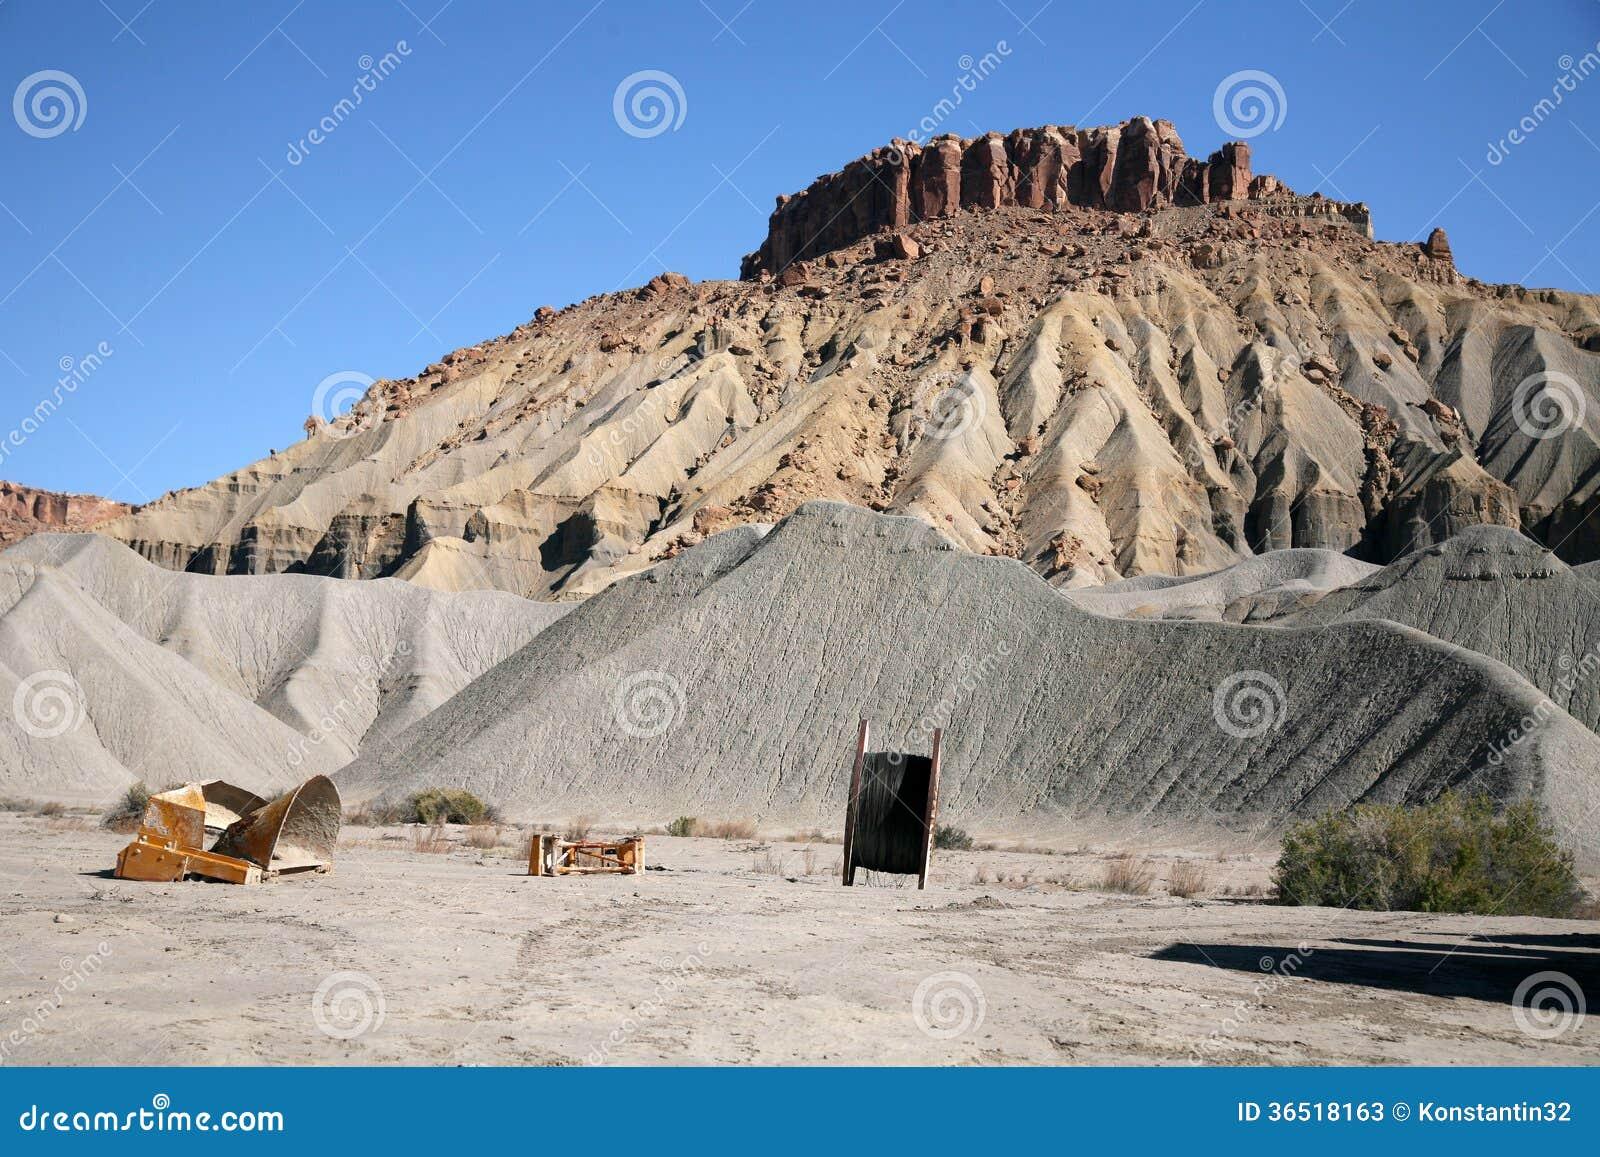 Montagne de roche et de sable, Utah, Etats-Unis